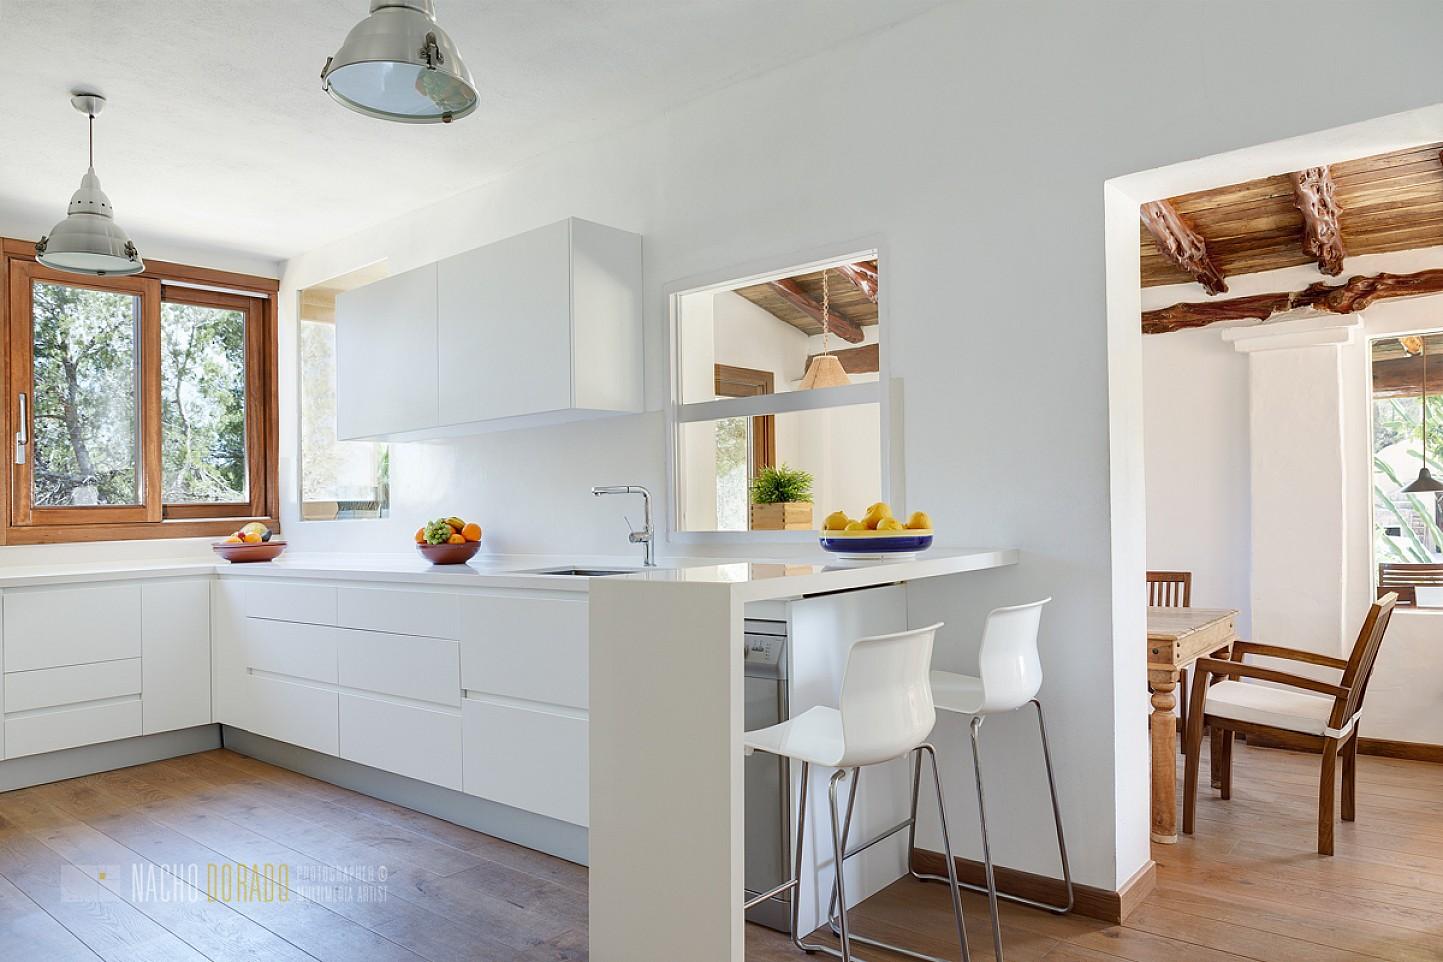 Cocina de maravillosa villa en alquiler en San Agustin, Ibiza